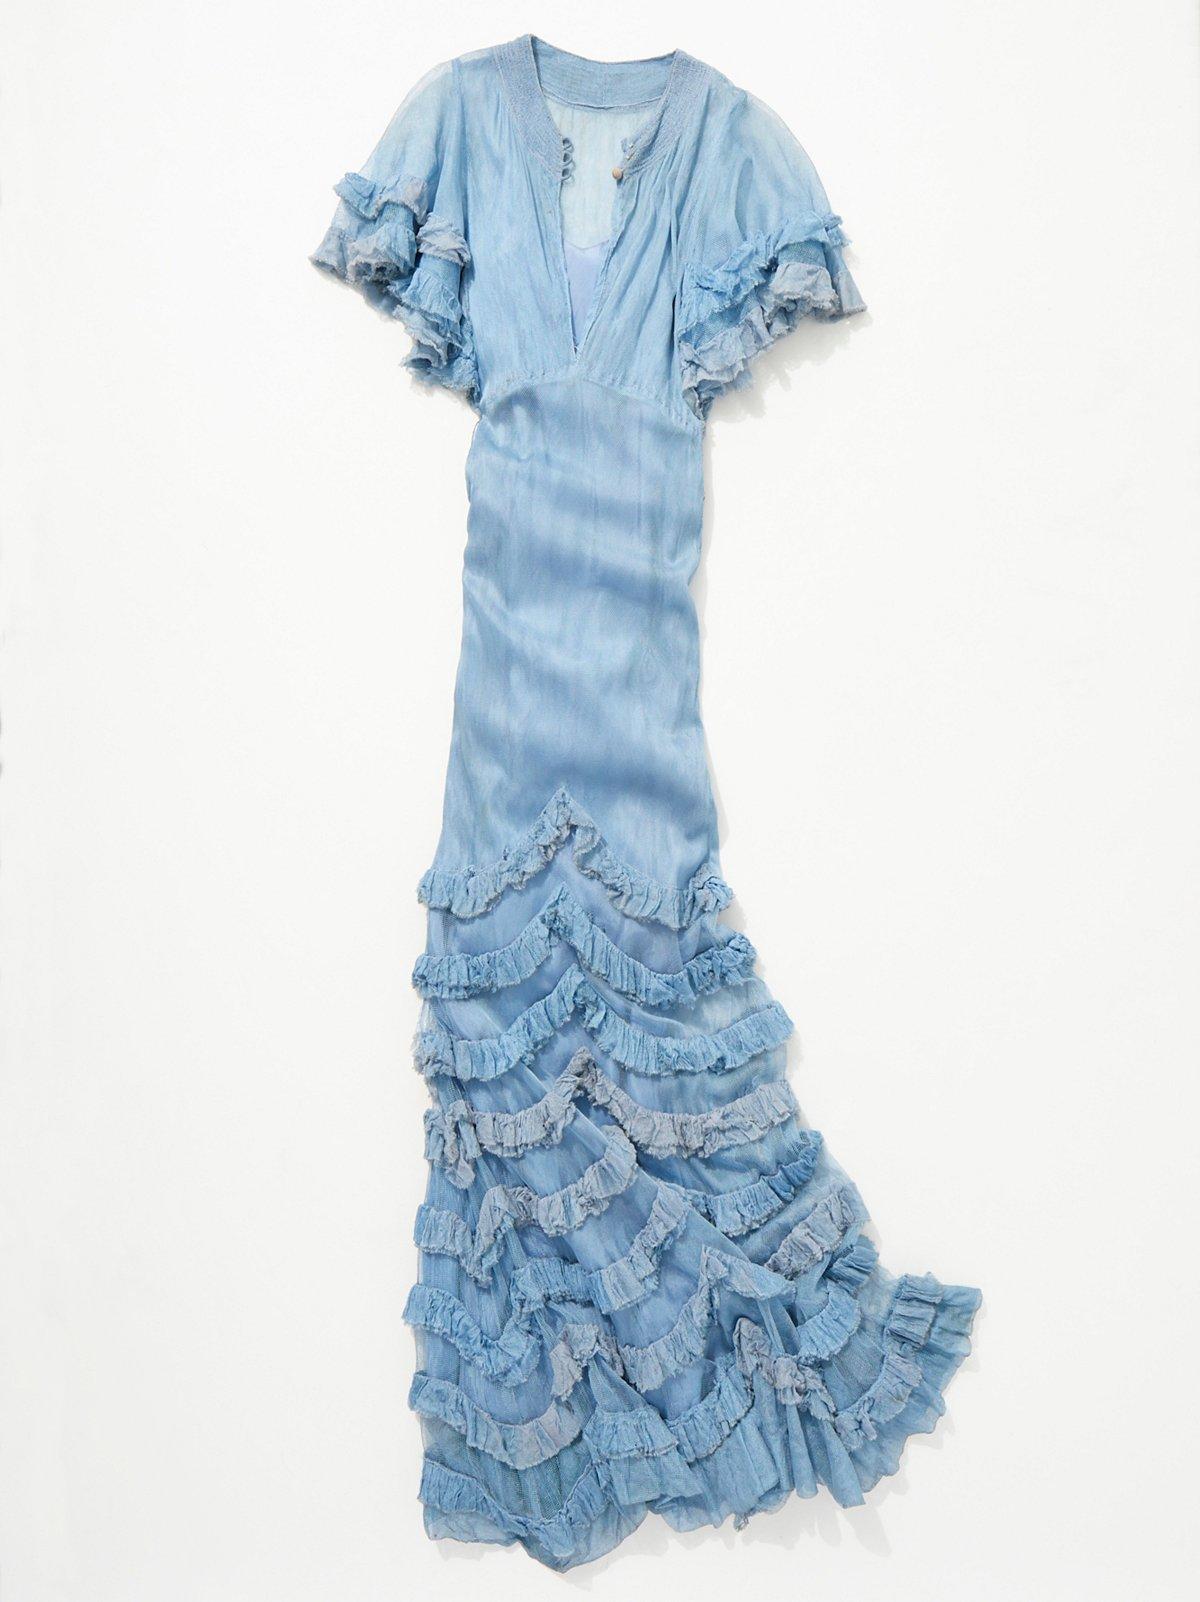 Vintage 1930s Ruffle Net Dress